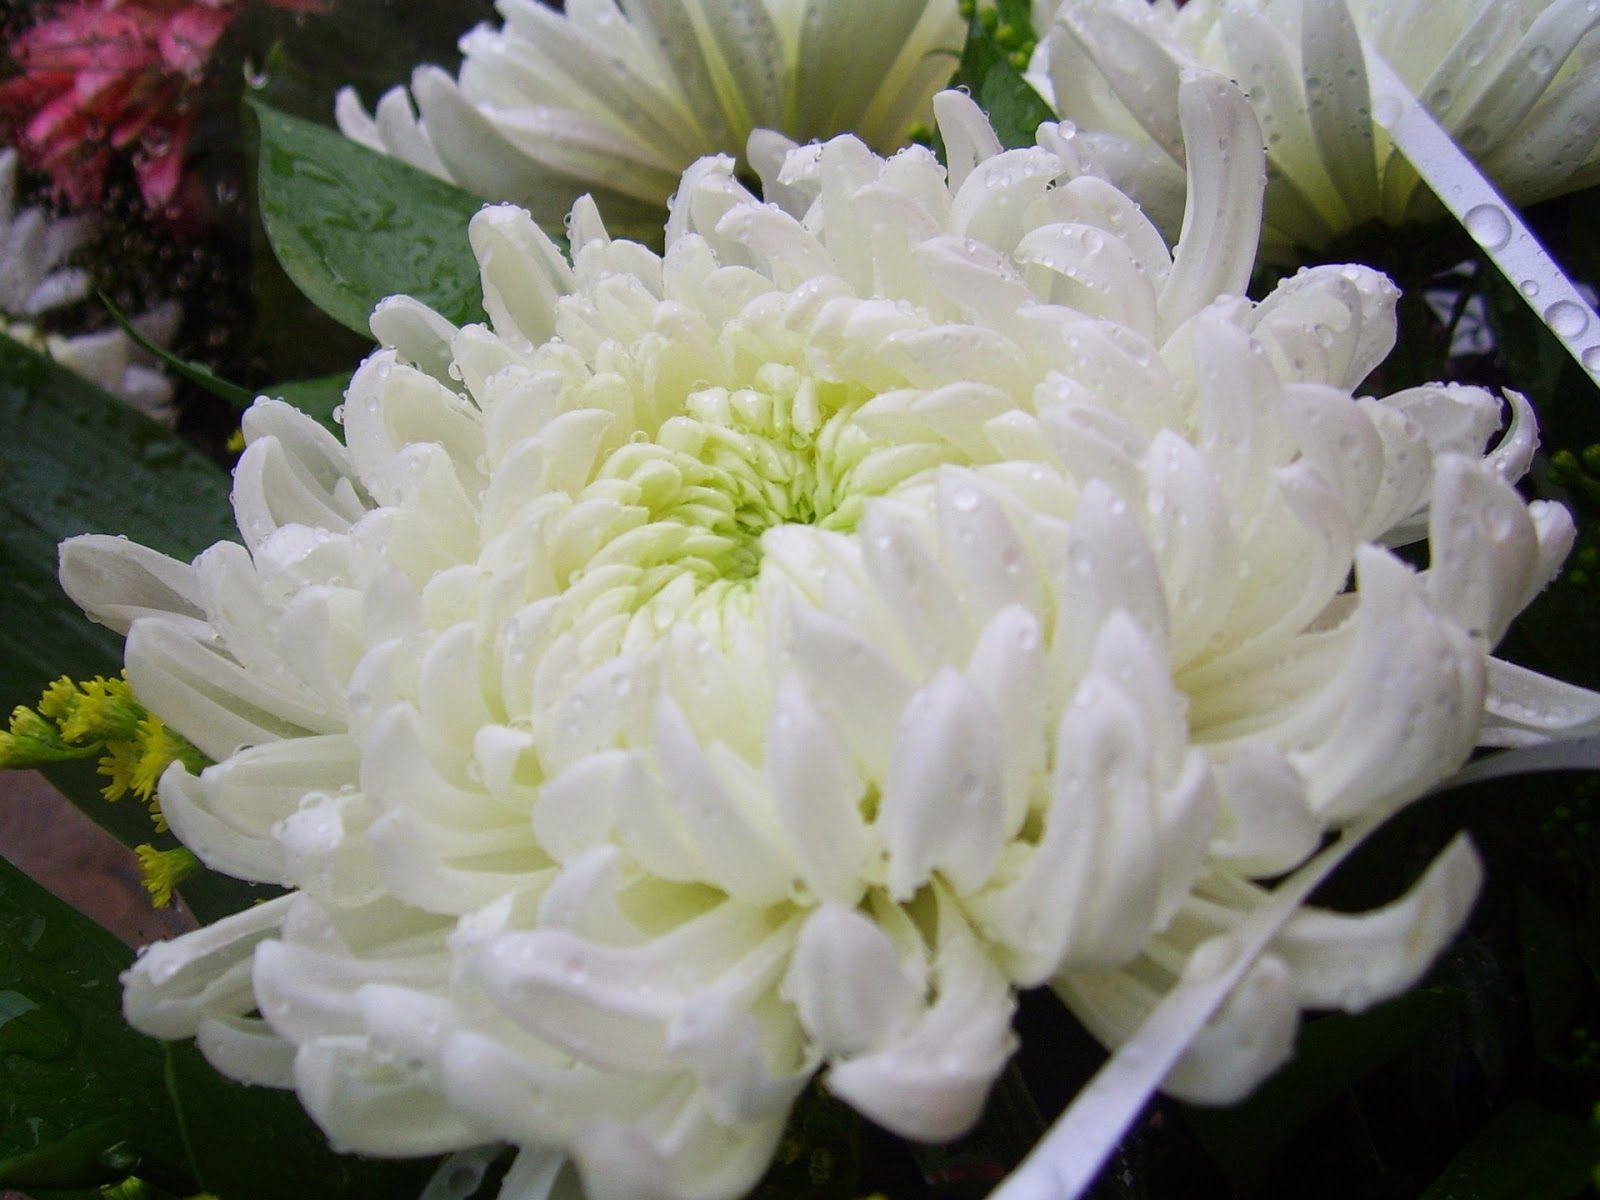 Chrysantheme Blanc Avec Images Chrysantheme Blanc Fleur De